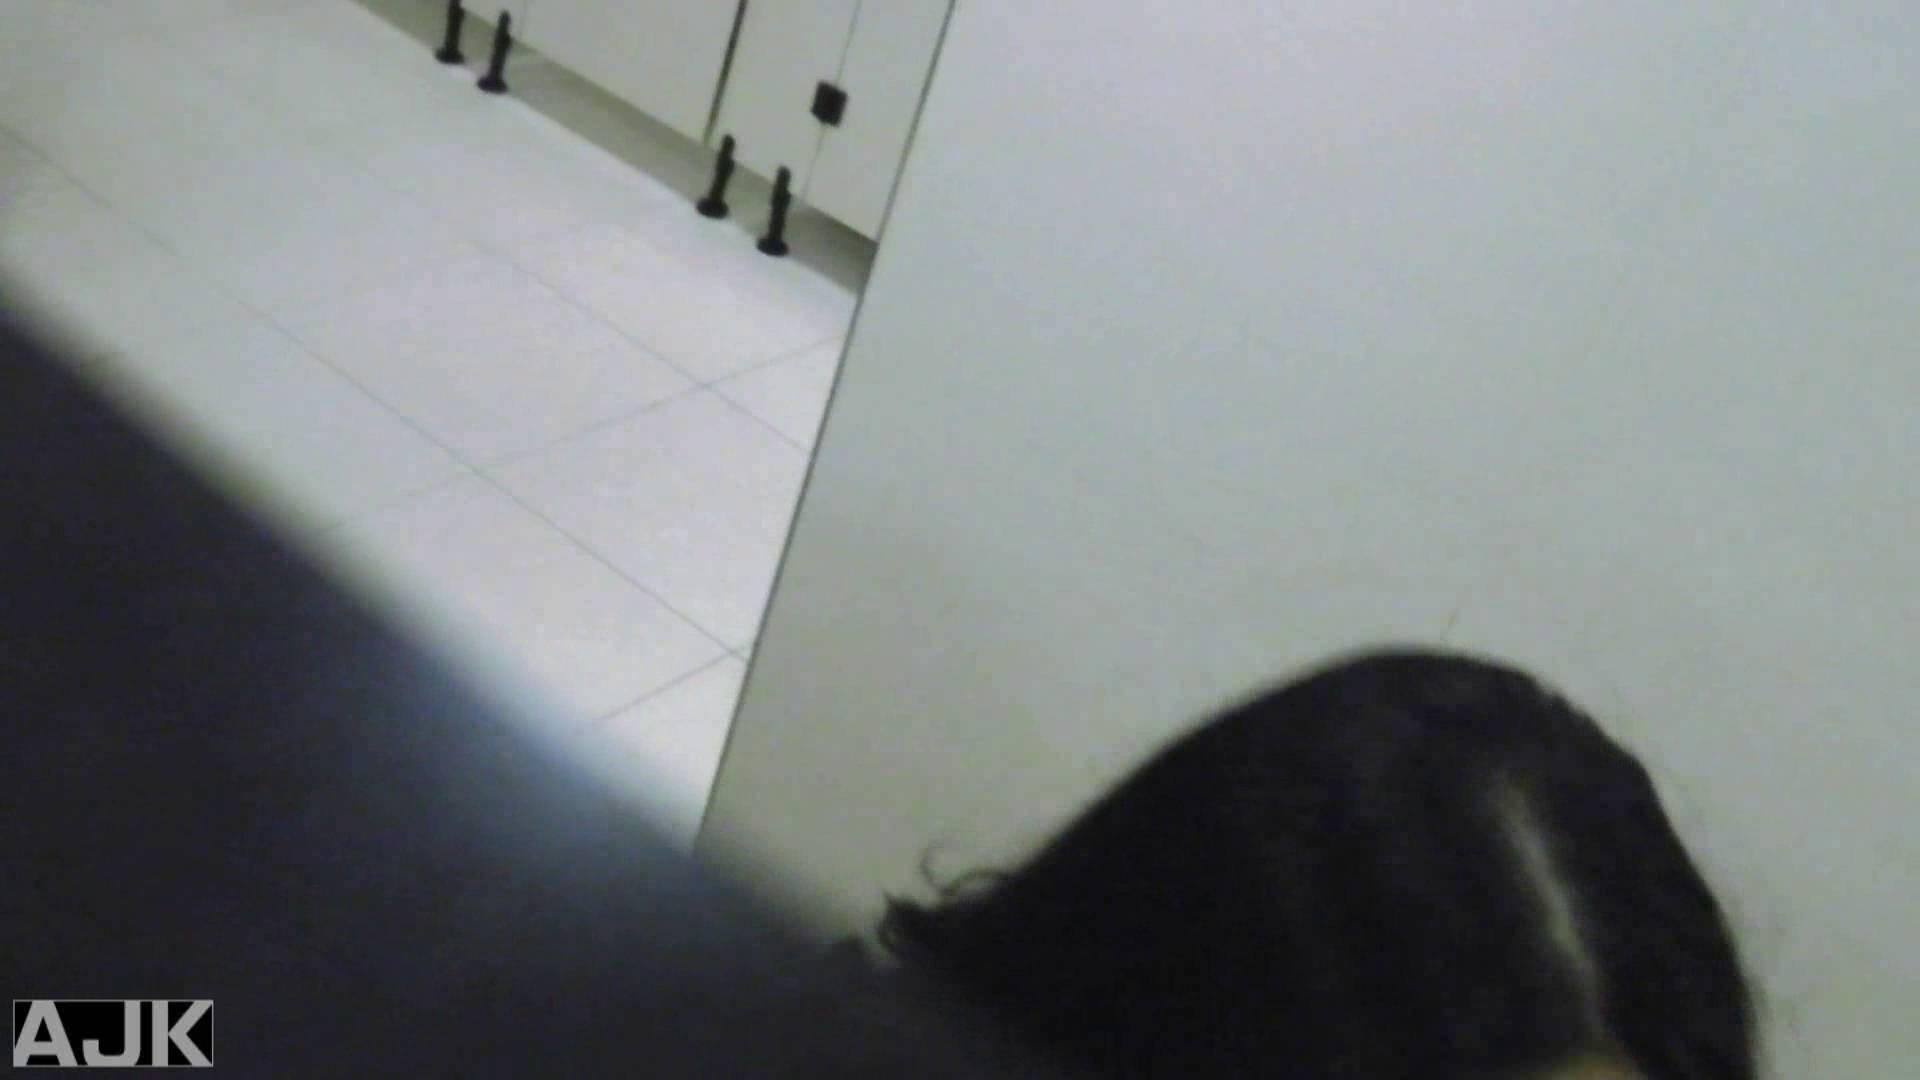 隣国上階級エリアの令嬢たちが集うデパートお手洗い Vol.30 盗撮編 性交動画流出 100枚 14